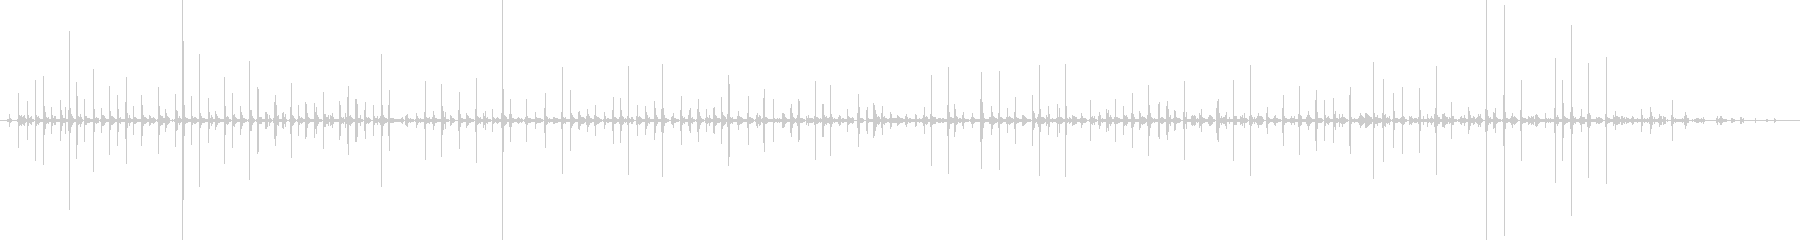 バイノーラル足音走るサンダル_前斜左の未再生の波形